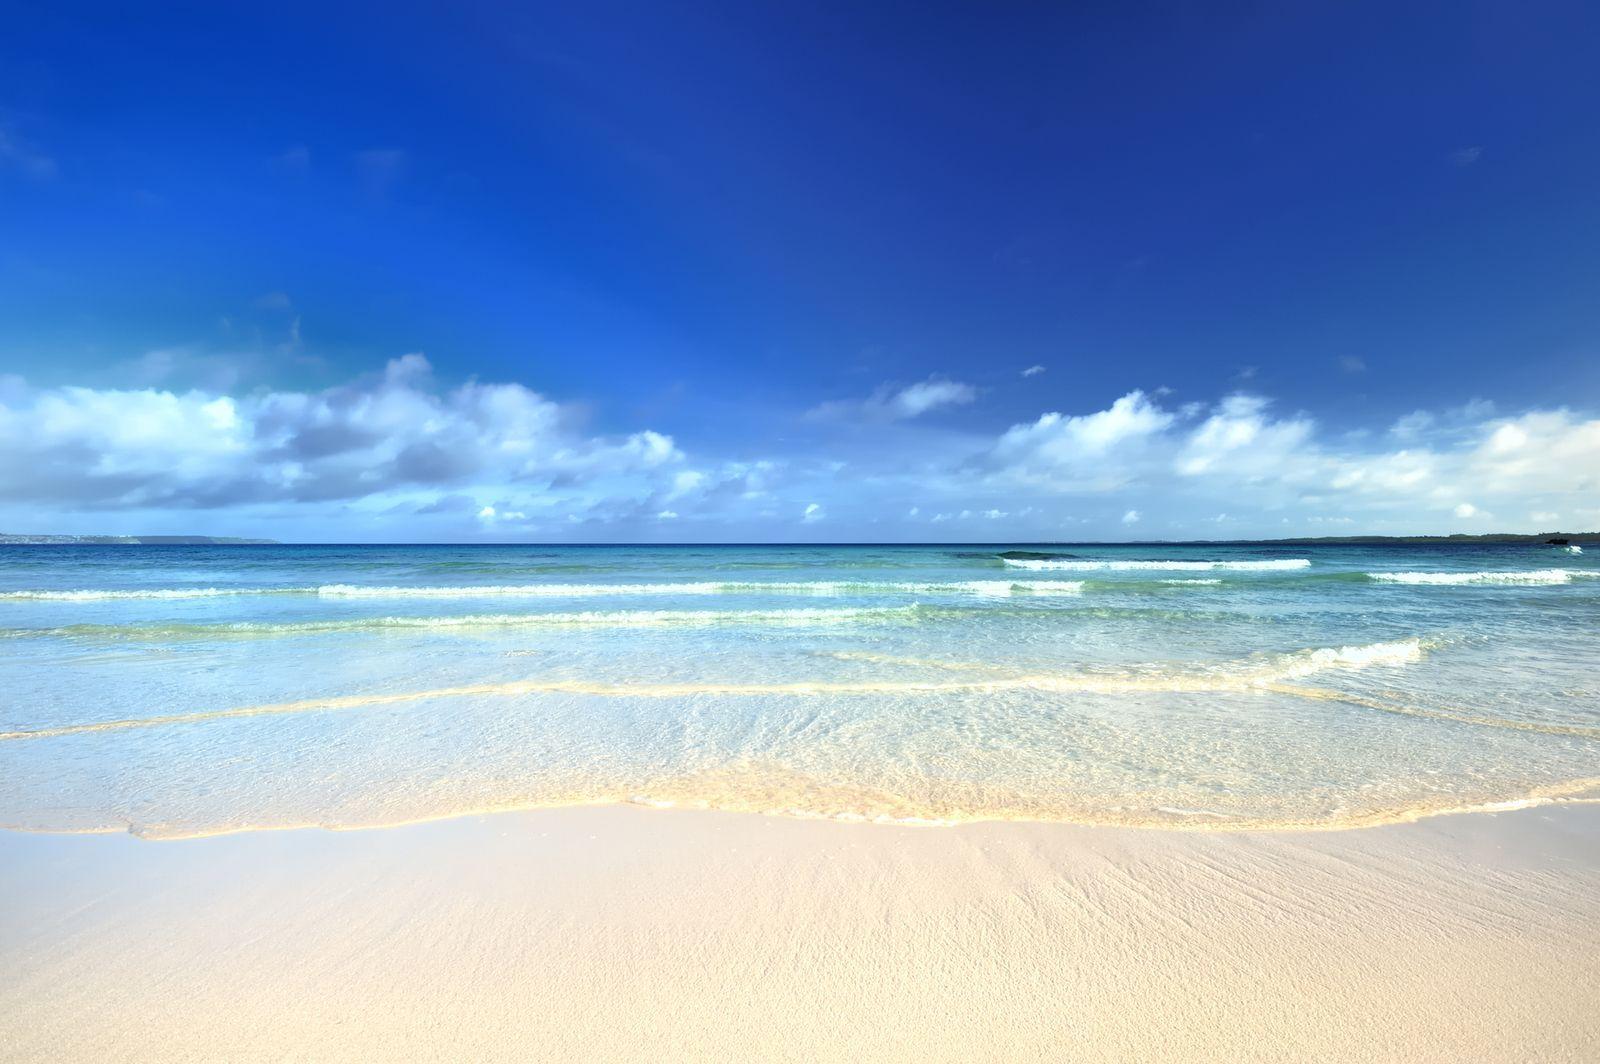 インスタジェニックな絶景 宮古島の 砂山ビーチ は沖縄一美しい海